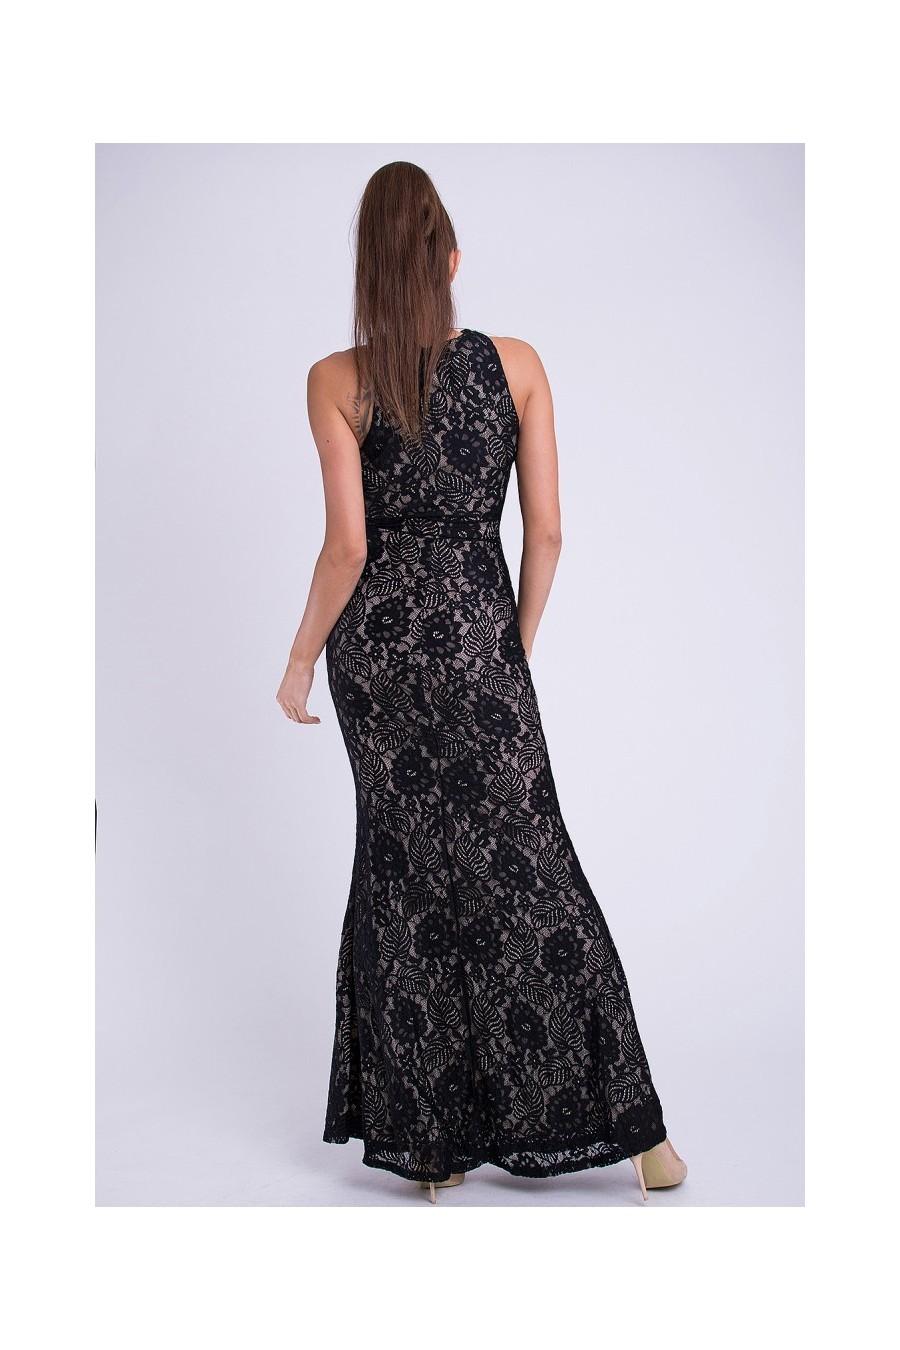 Spoločenské šaty 2801